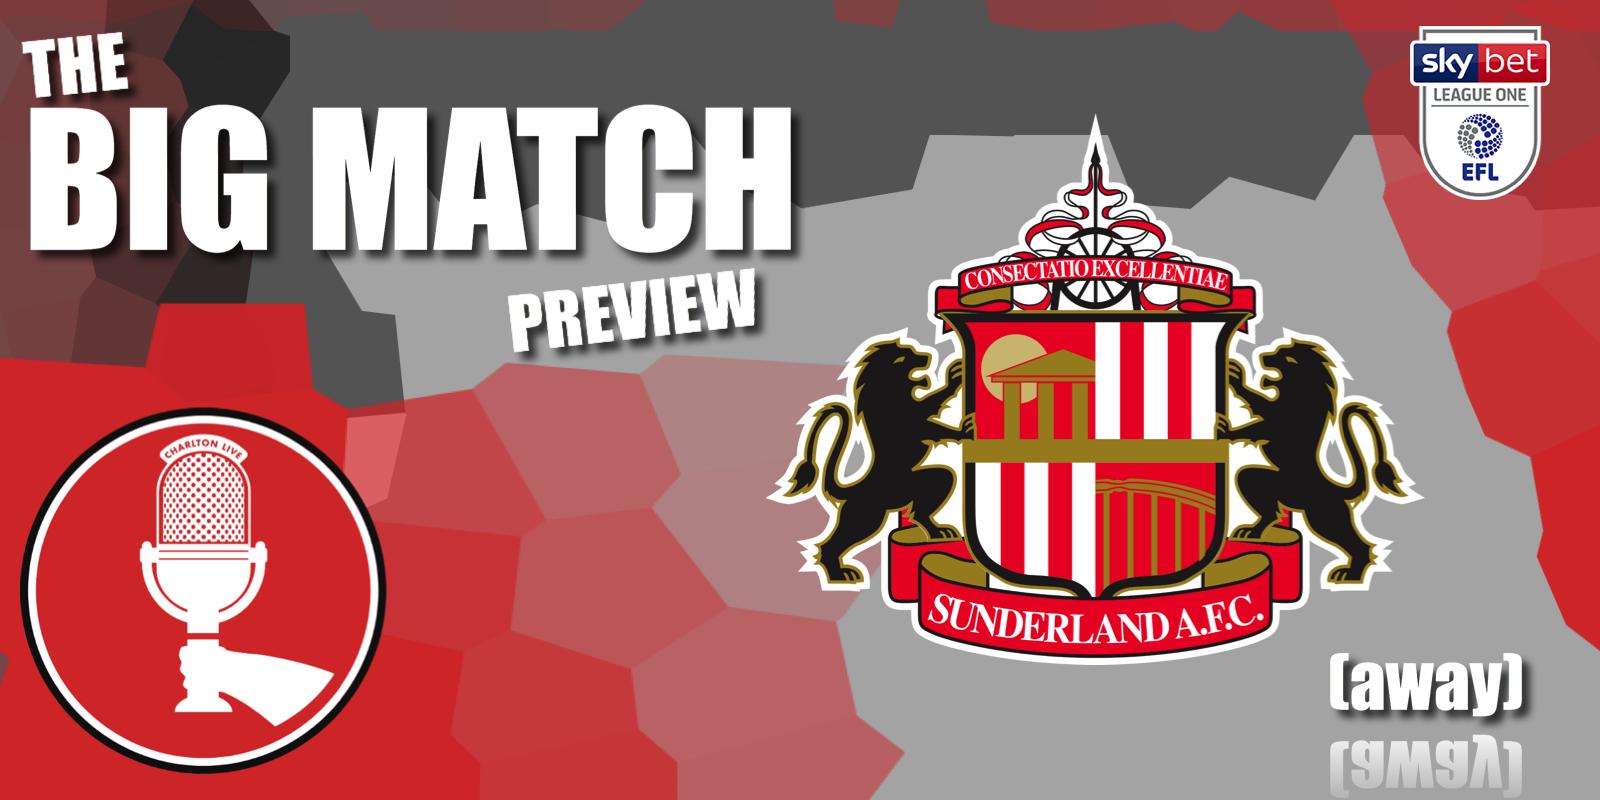 Big Match Preview – Sunderland away 2020-21